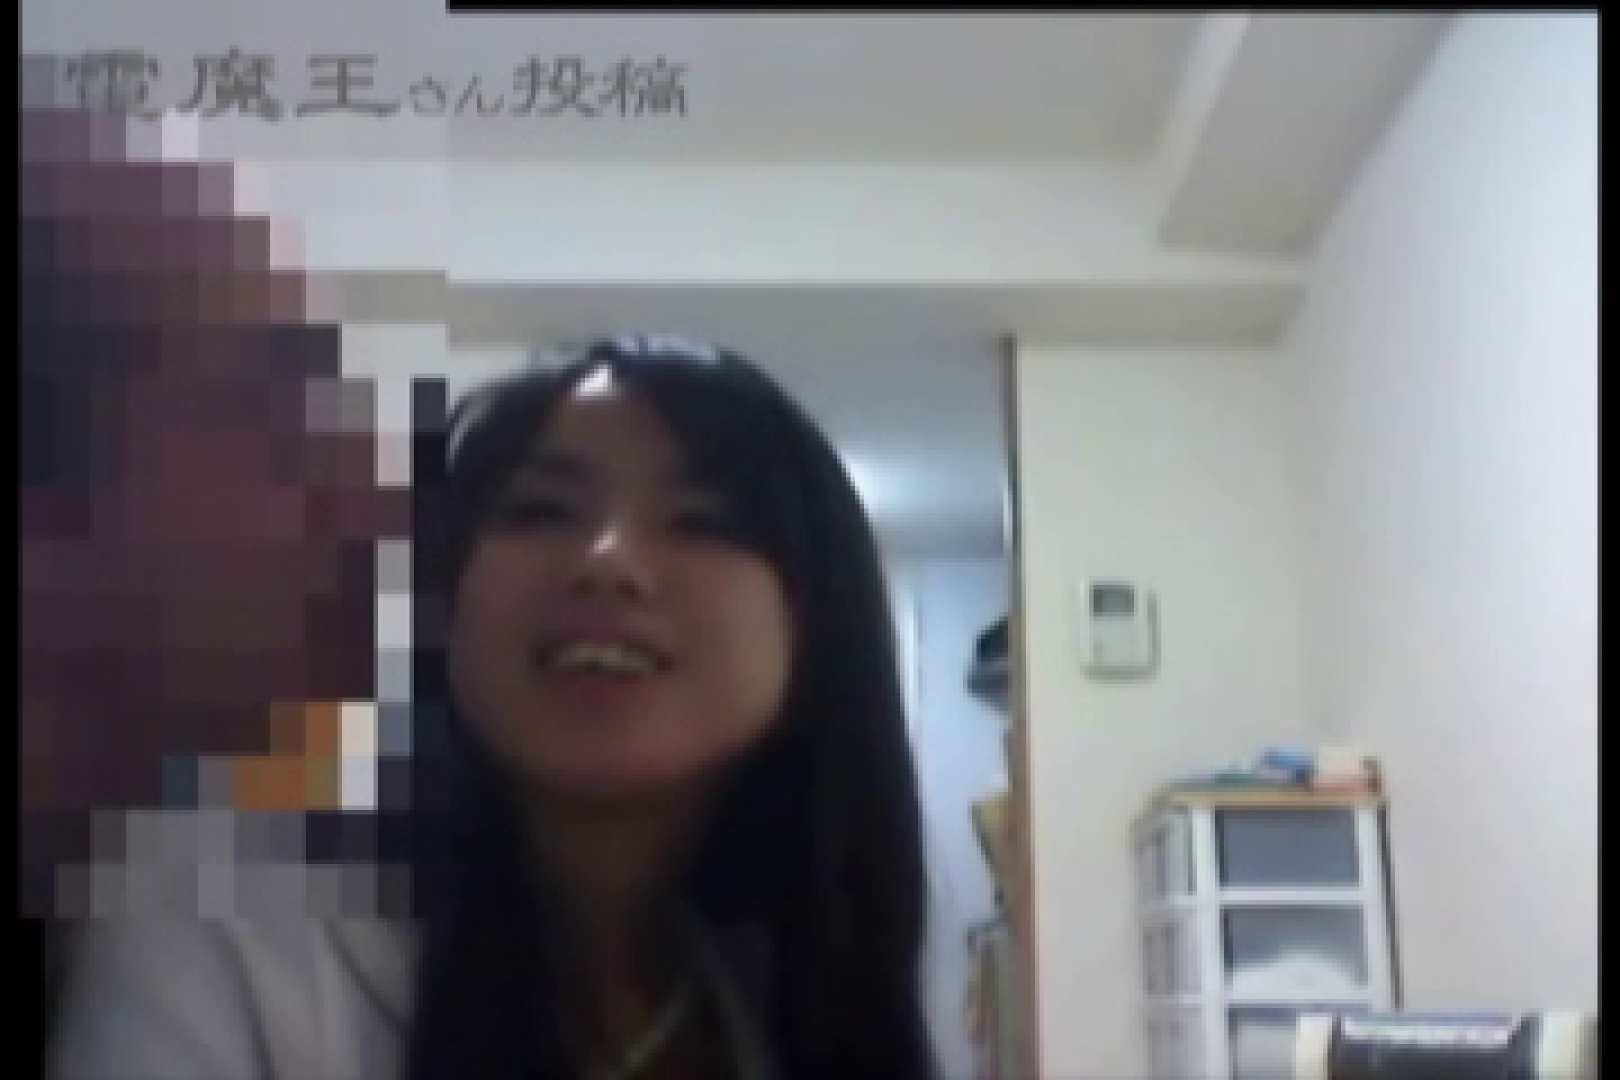 電魔王さんの「隠撮の部屋」ミーナ 隠撮  106pic 60